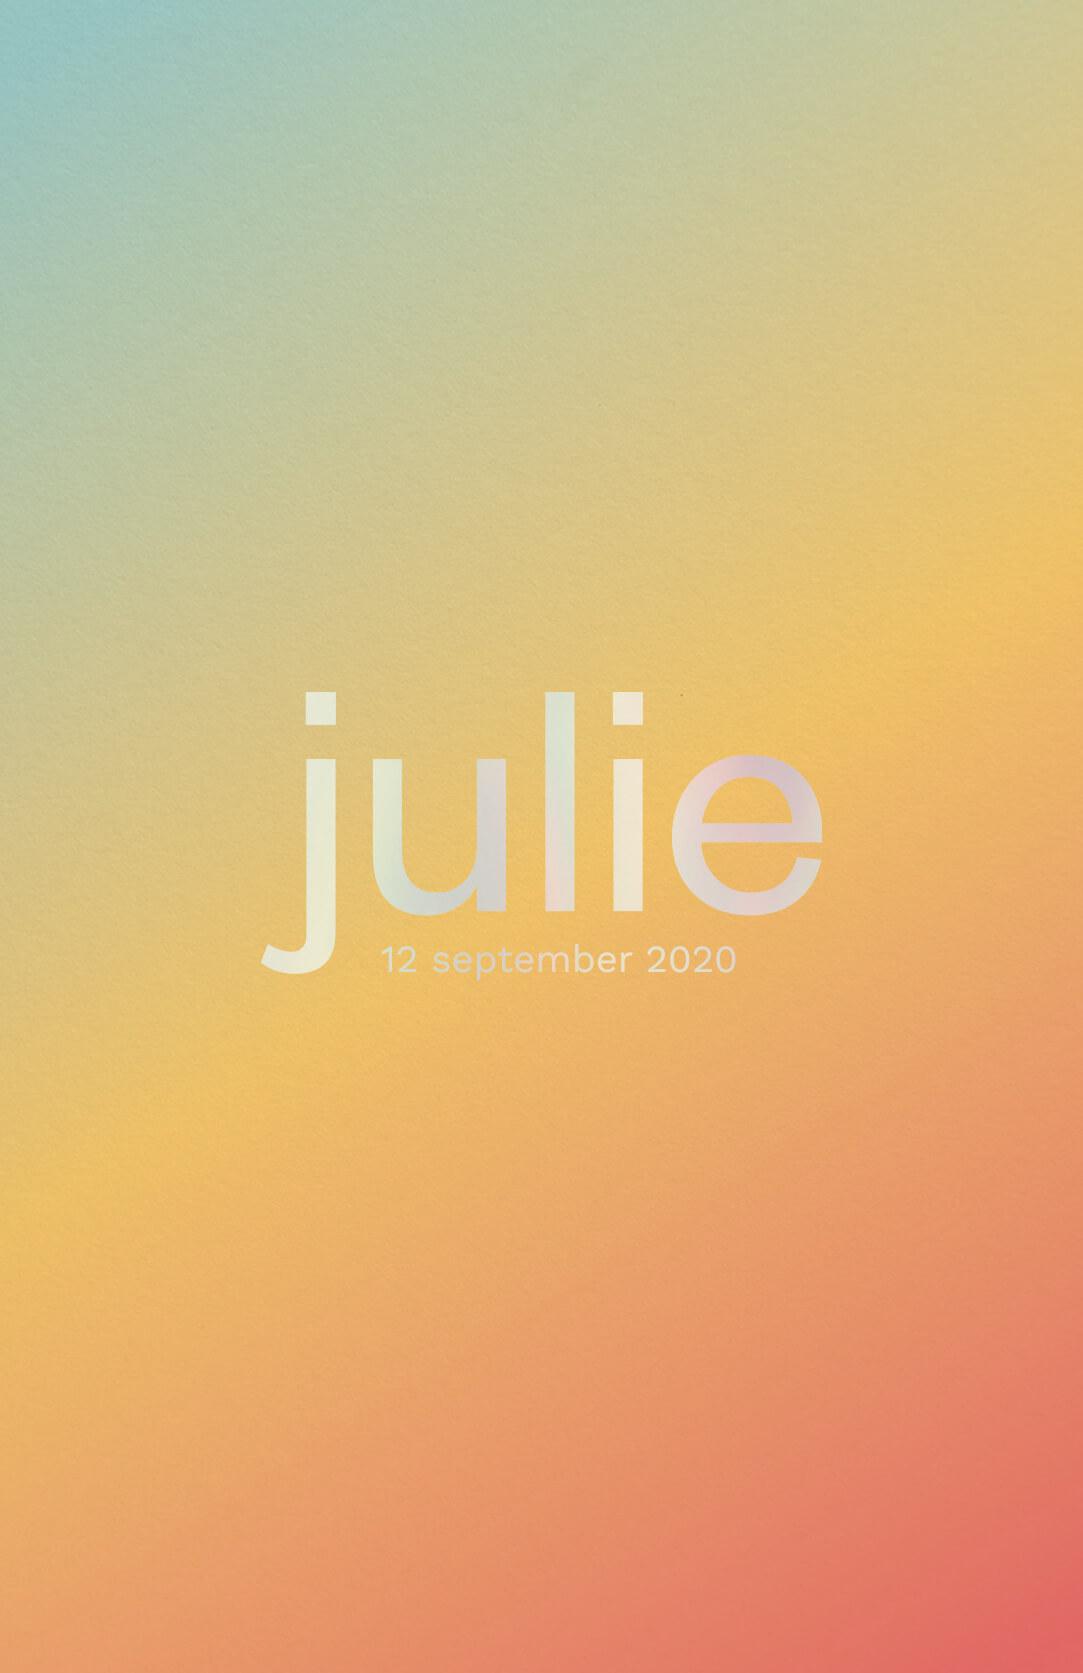 Geboortekaartje Kleurverloop Gradient Lichtlauw Geel Oranje Holografische Folie Trendy